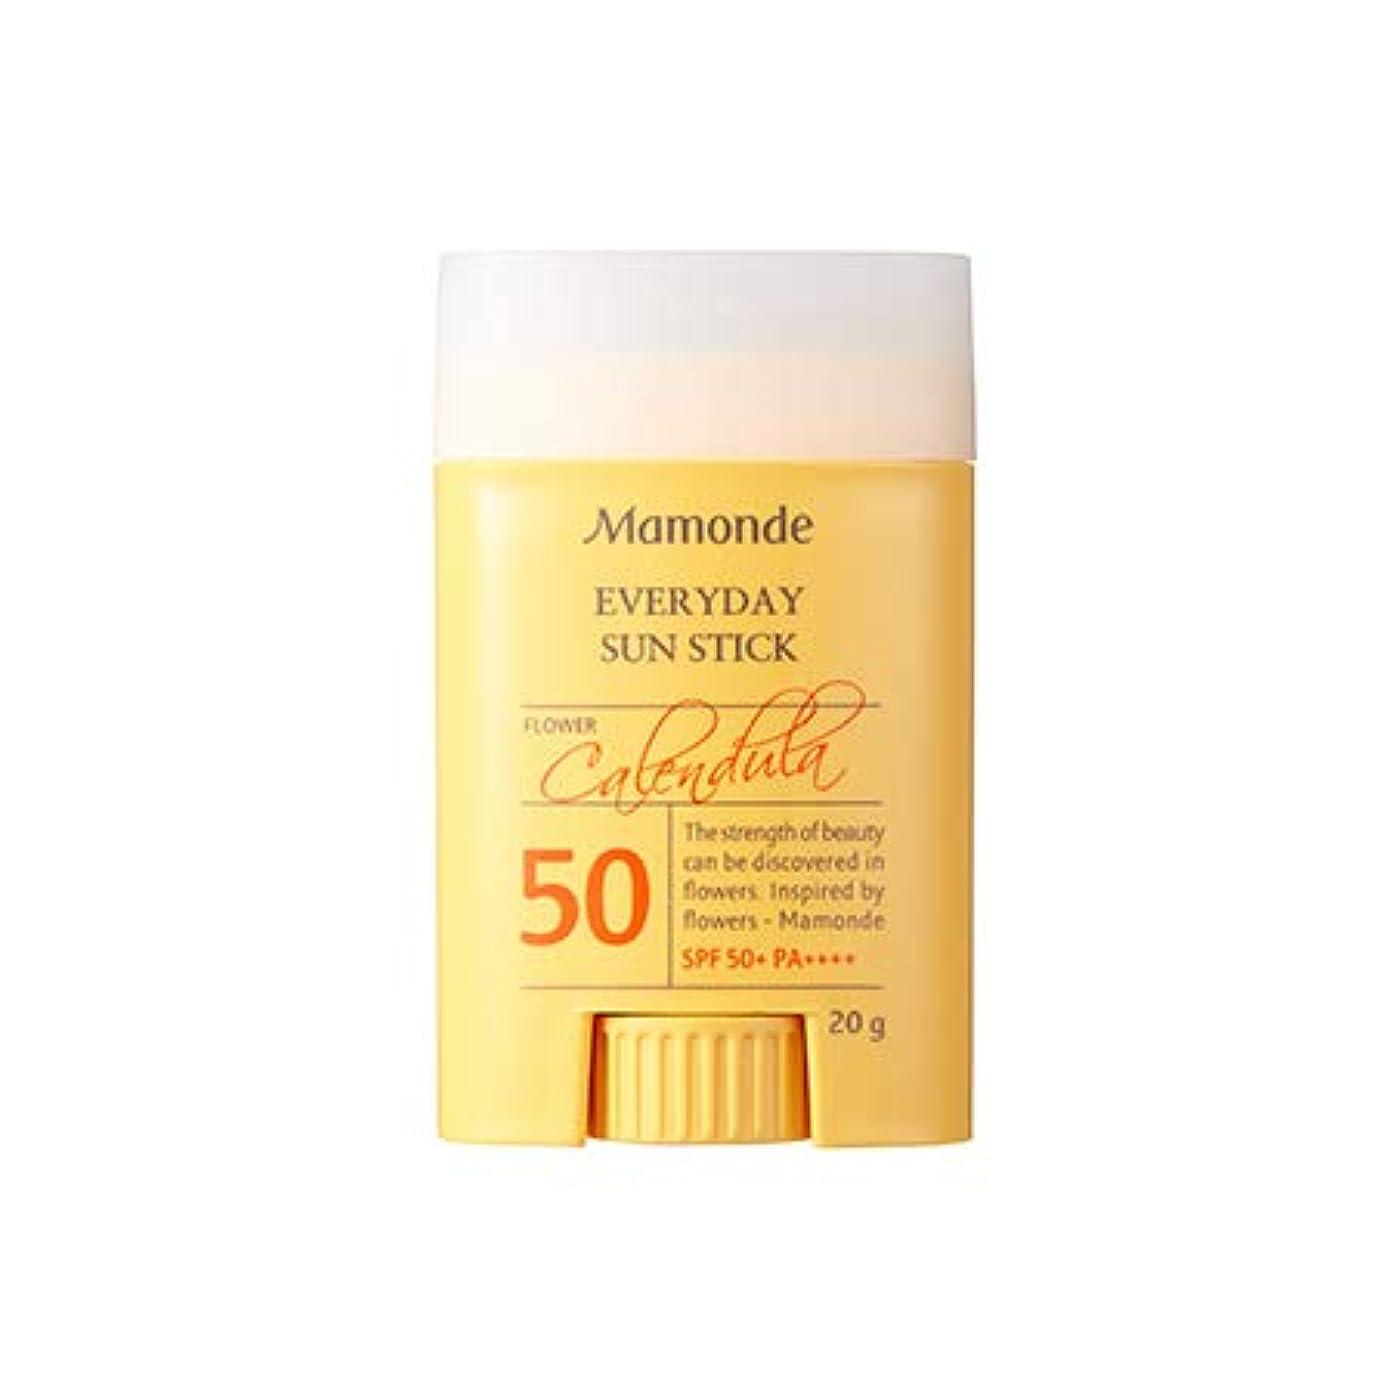 四半期ファウル優しいMamonde Everyday Sun Stick 20g マモンド エブリデーサンスティック (SPF50+/PA++++) [並行輸入品]